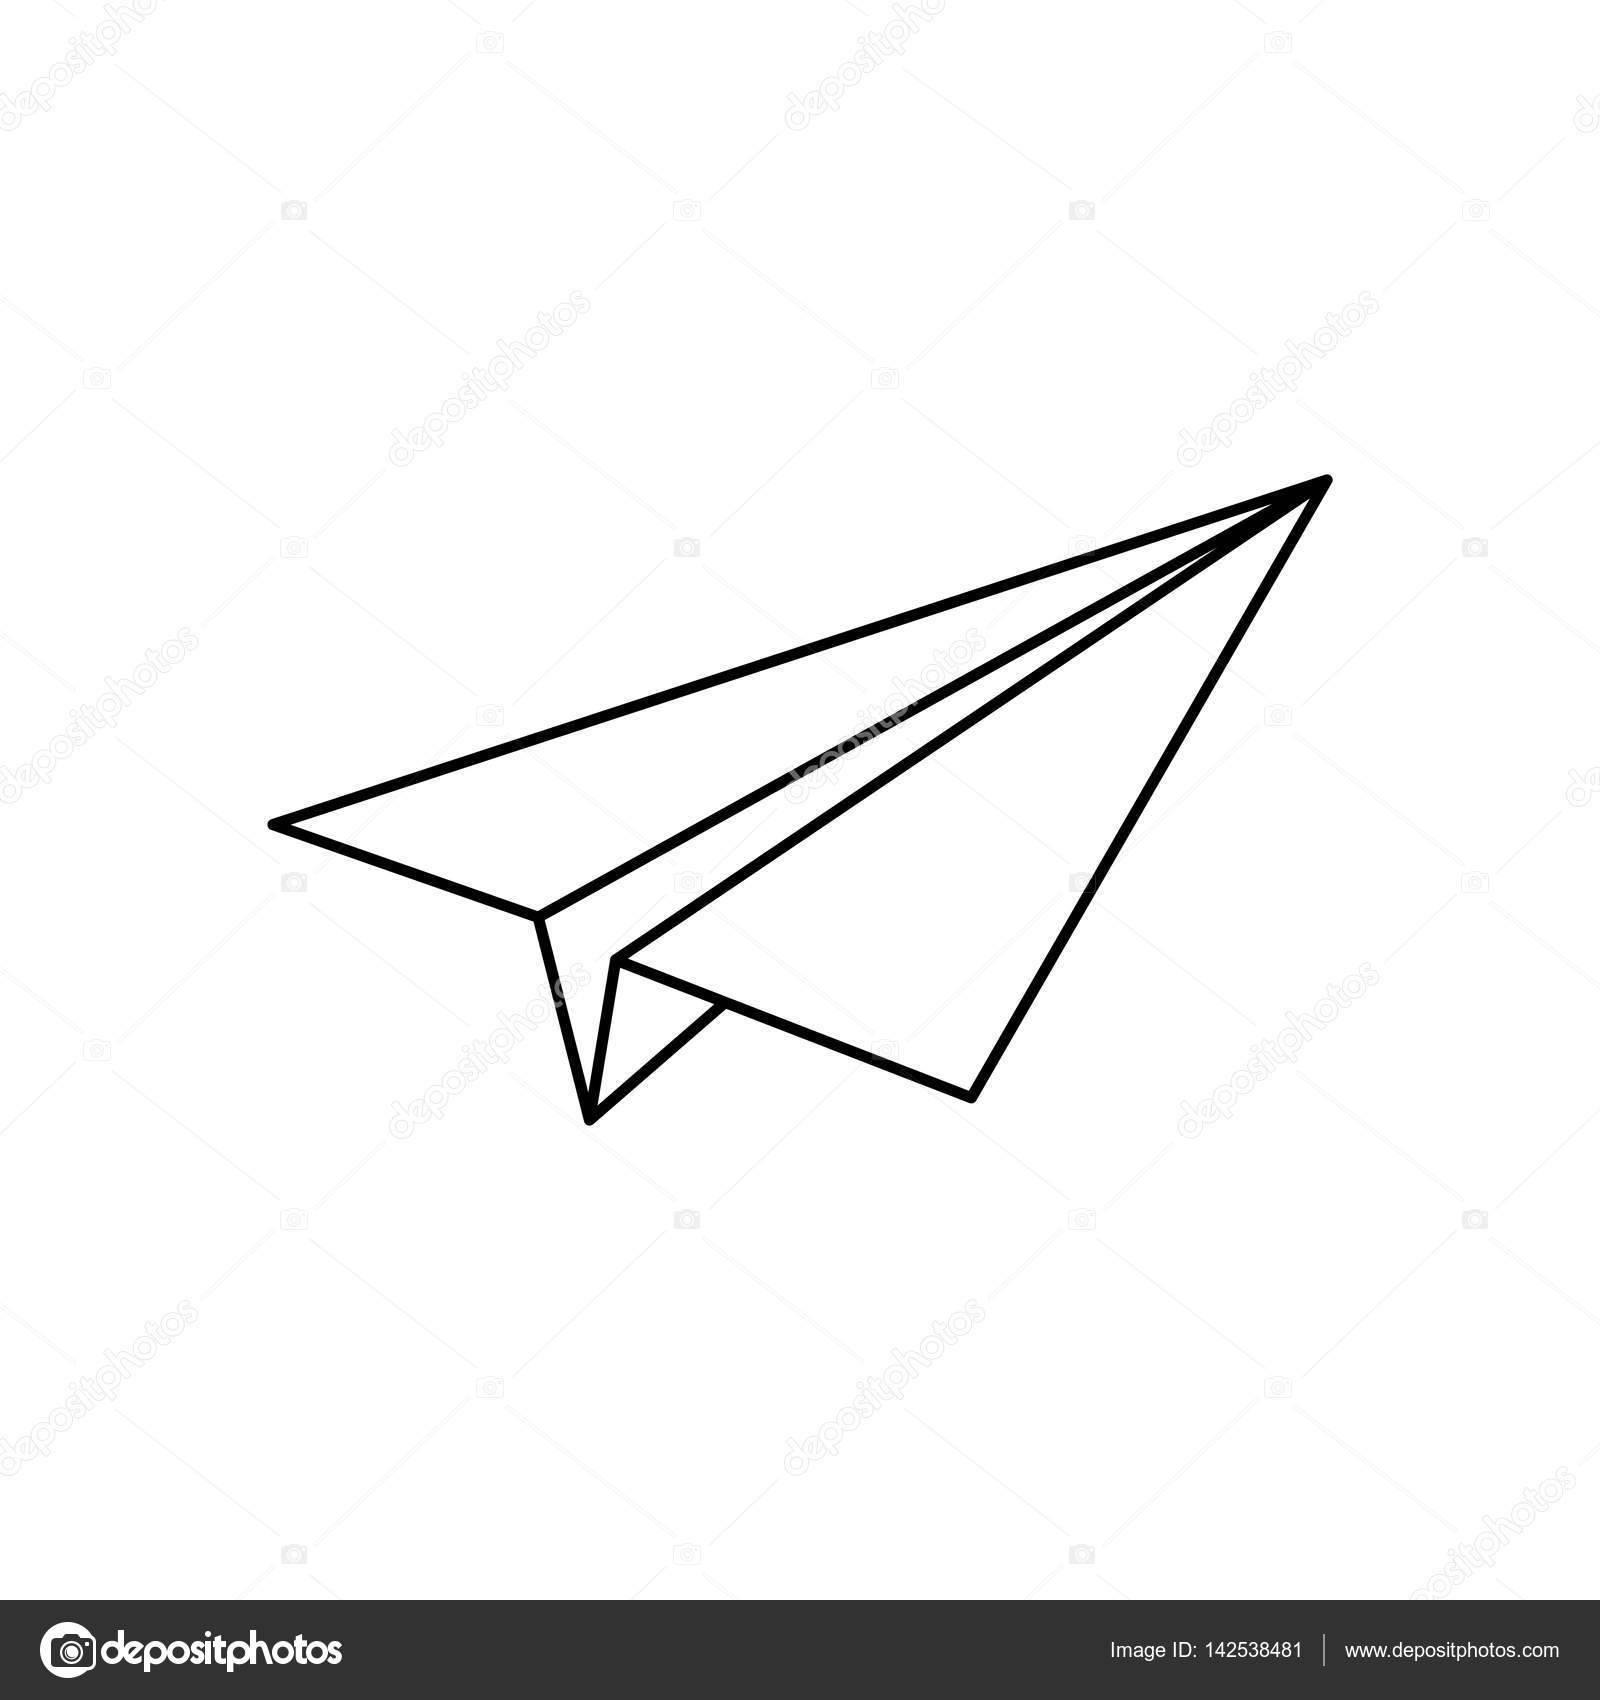 Как нарисовать самолетик из тик тока пошагово?